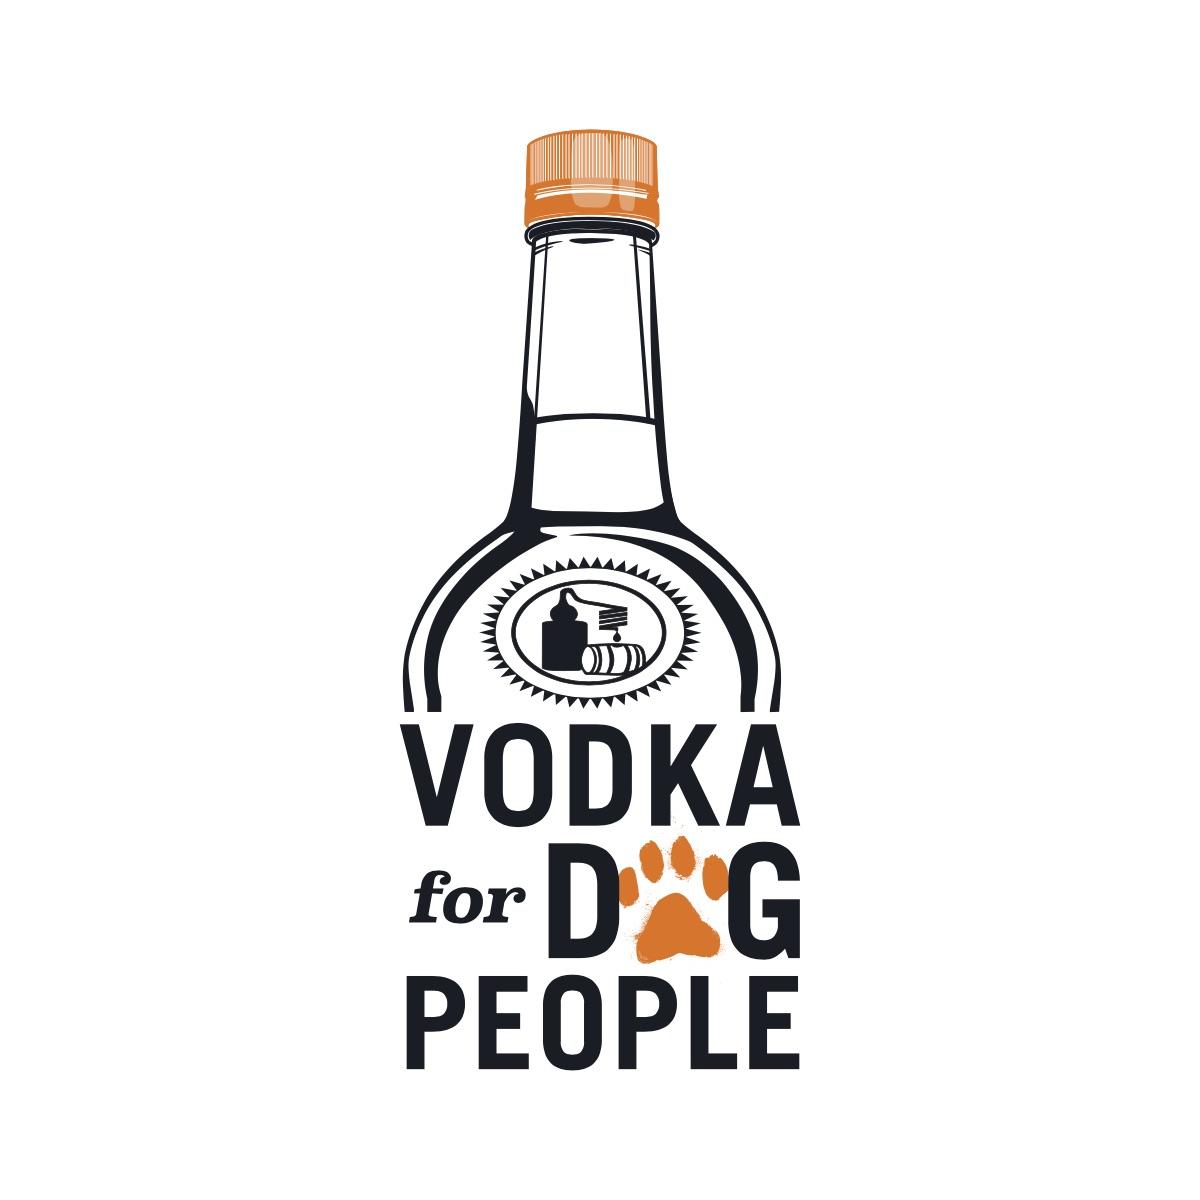 Titos Vodka for Dog People logo - sponsor